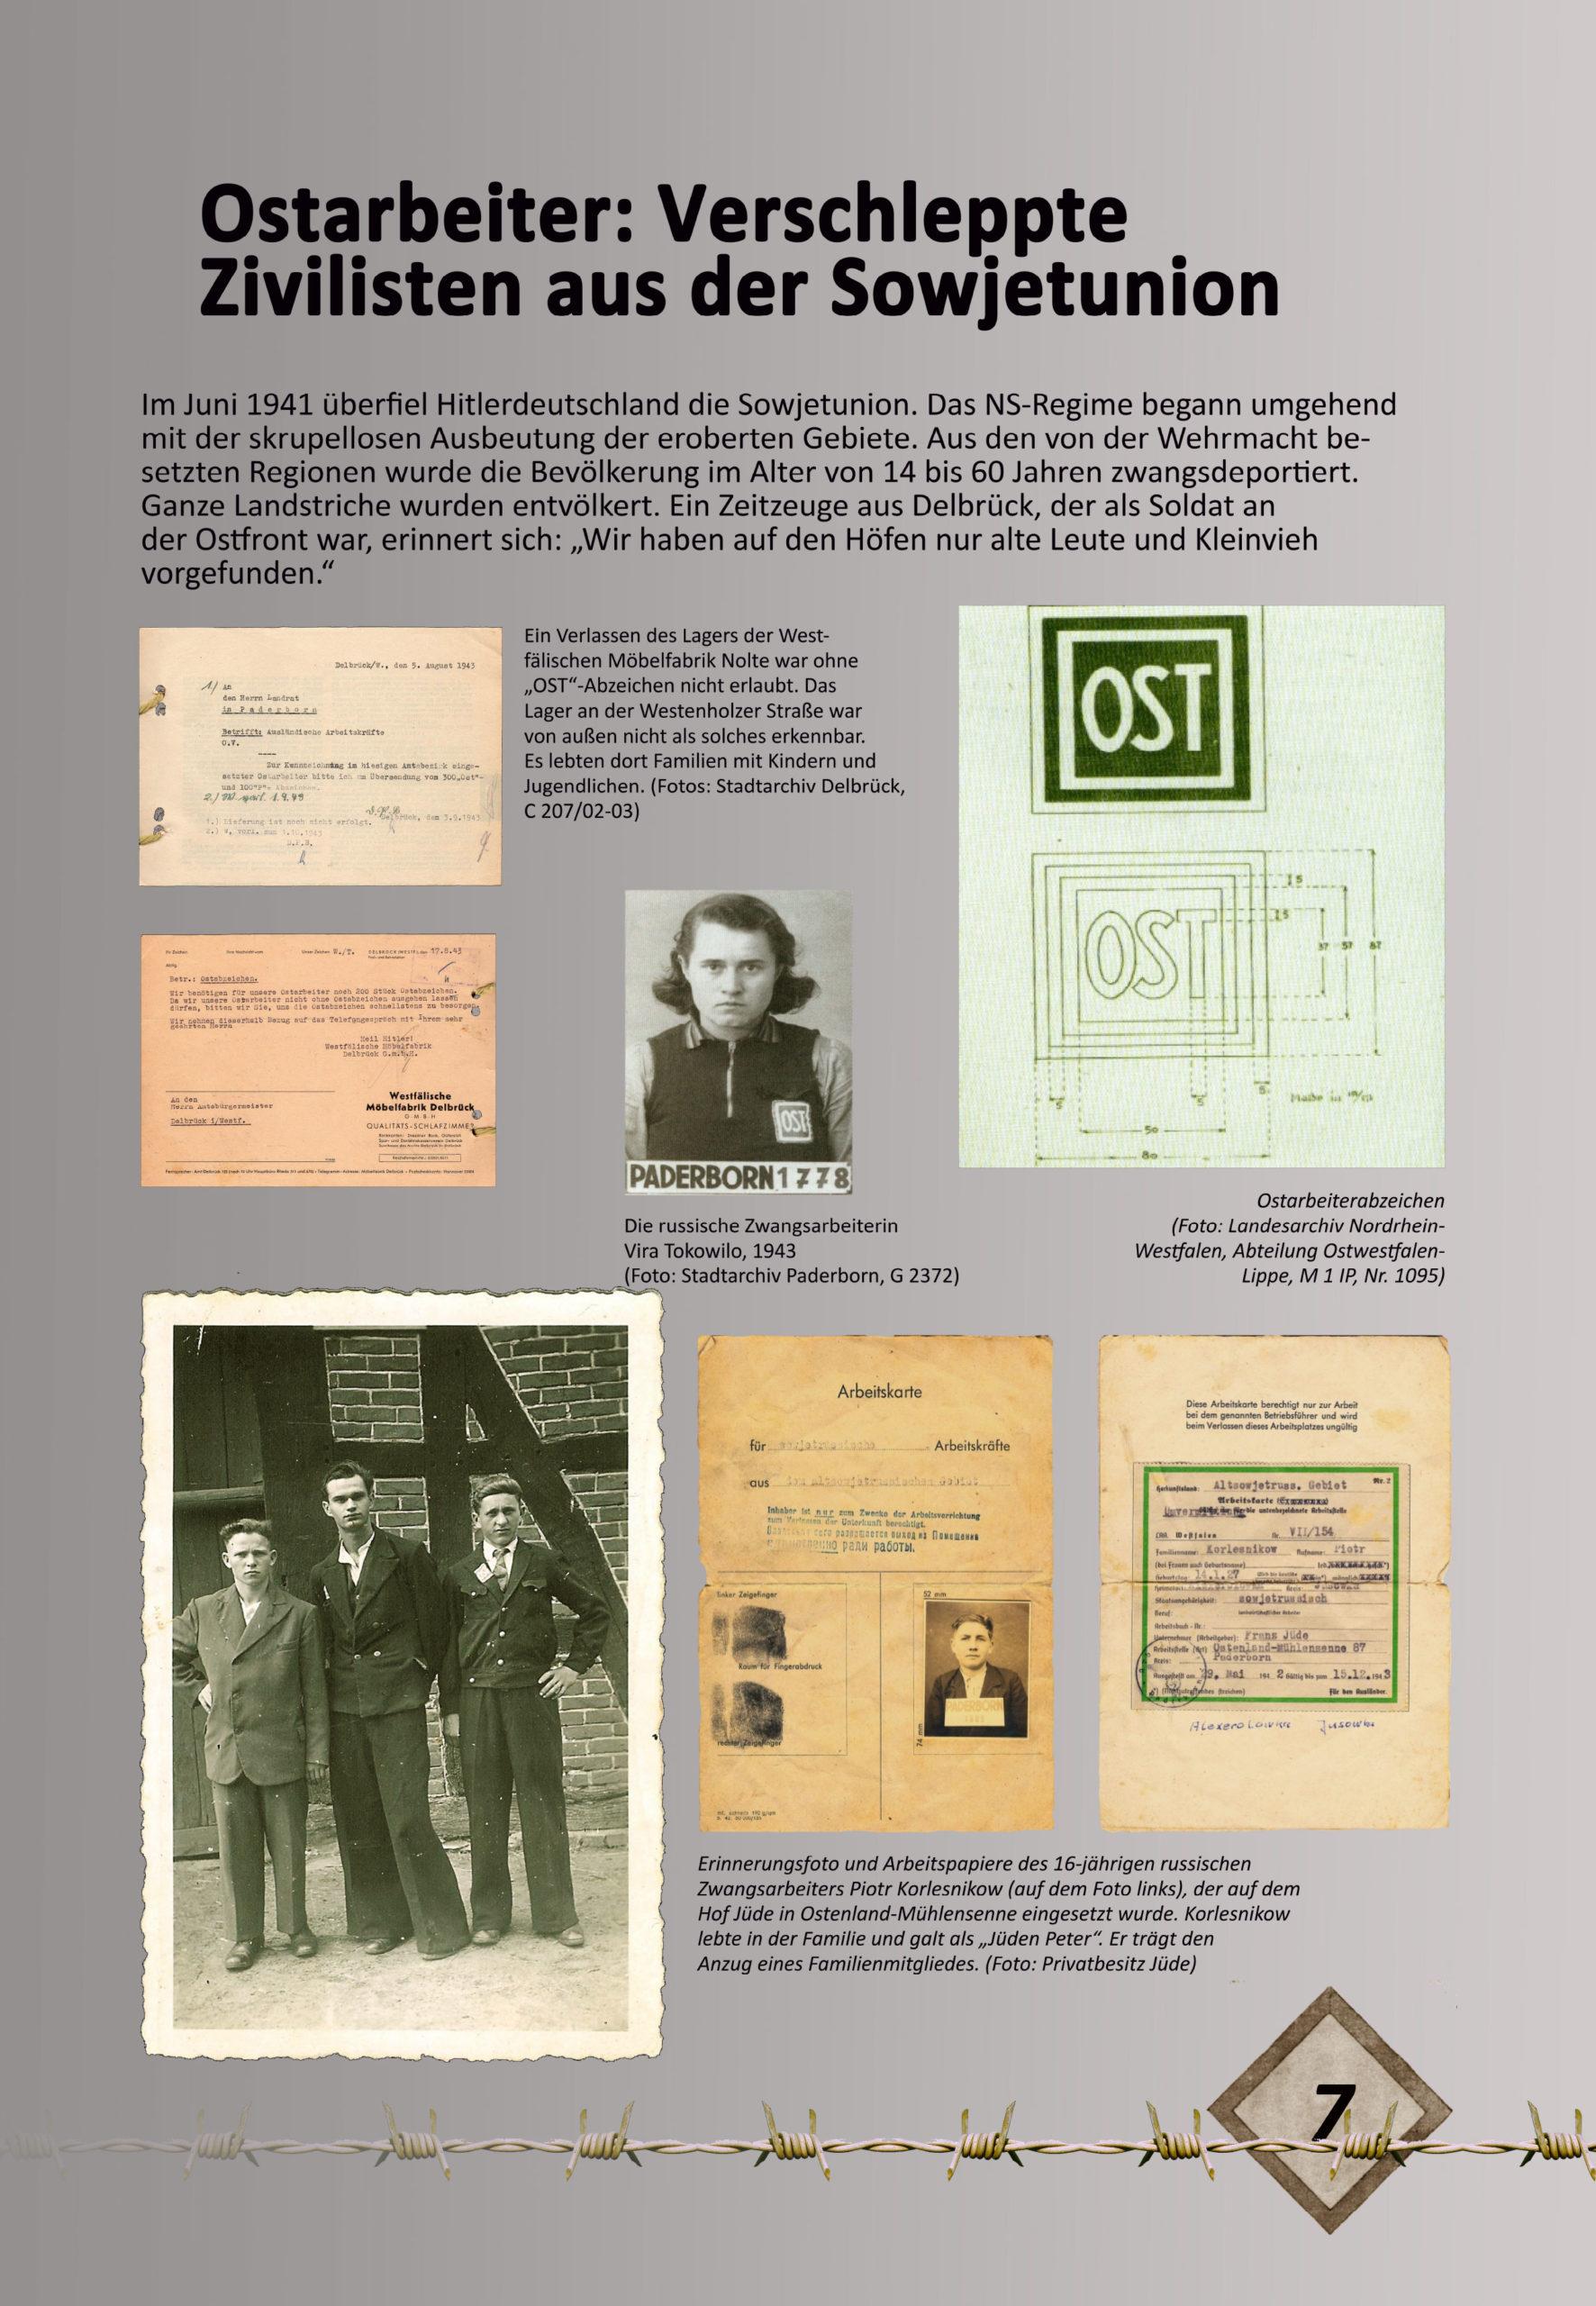 """Digitale Ausstellung """"Unter_Menschen"""" anlässlich des 75. Jahrestages der Befreiung der Kriegsgefangenen – Ausstellungstafel 7"""